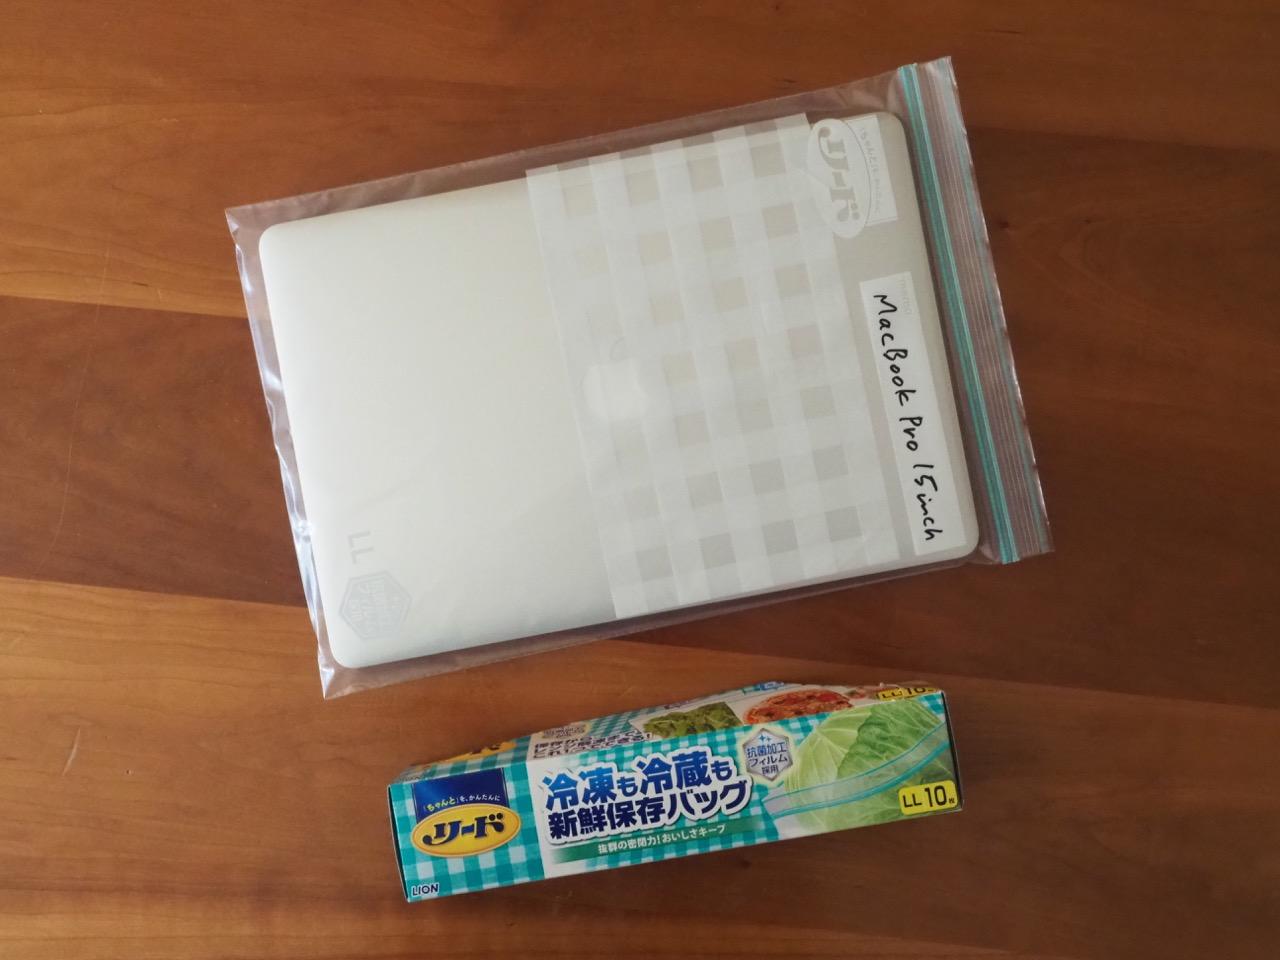 やっと出た大判の密閉・抗菌・丈夫の保存バッグ